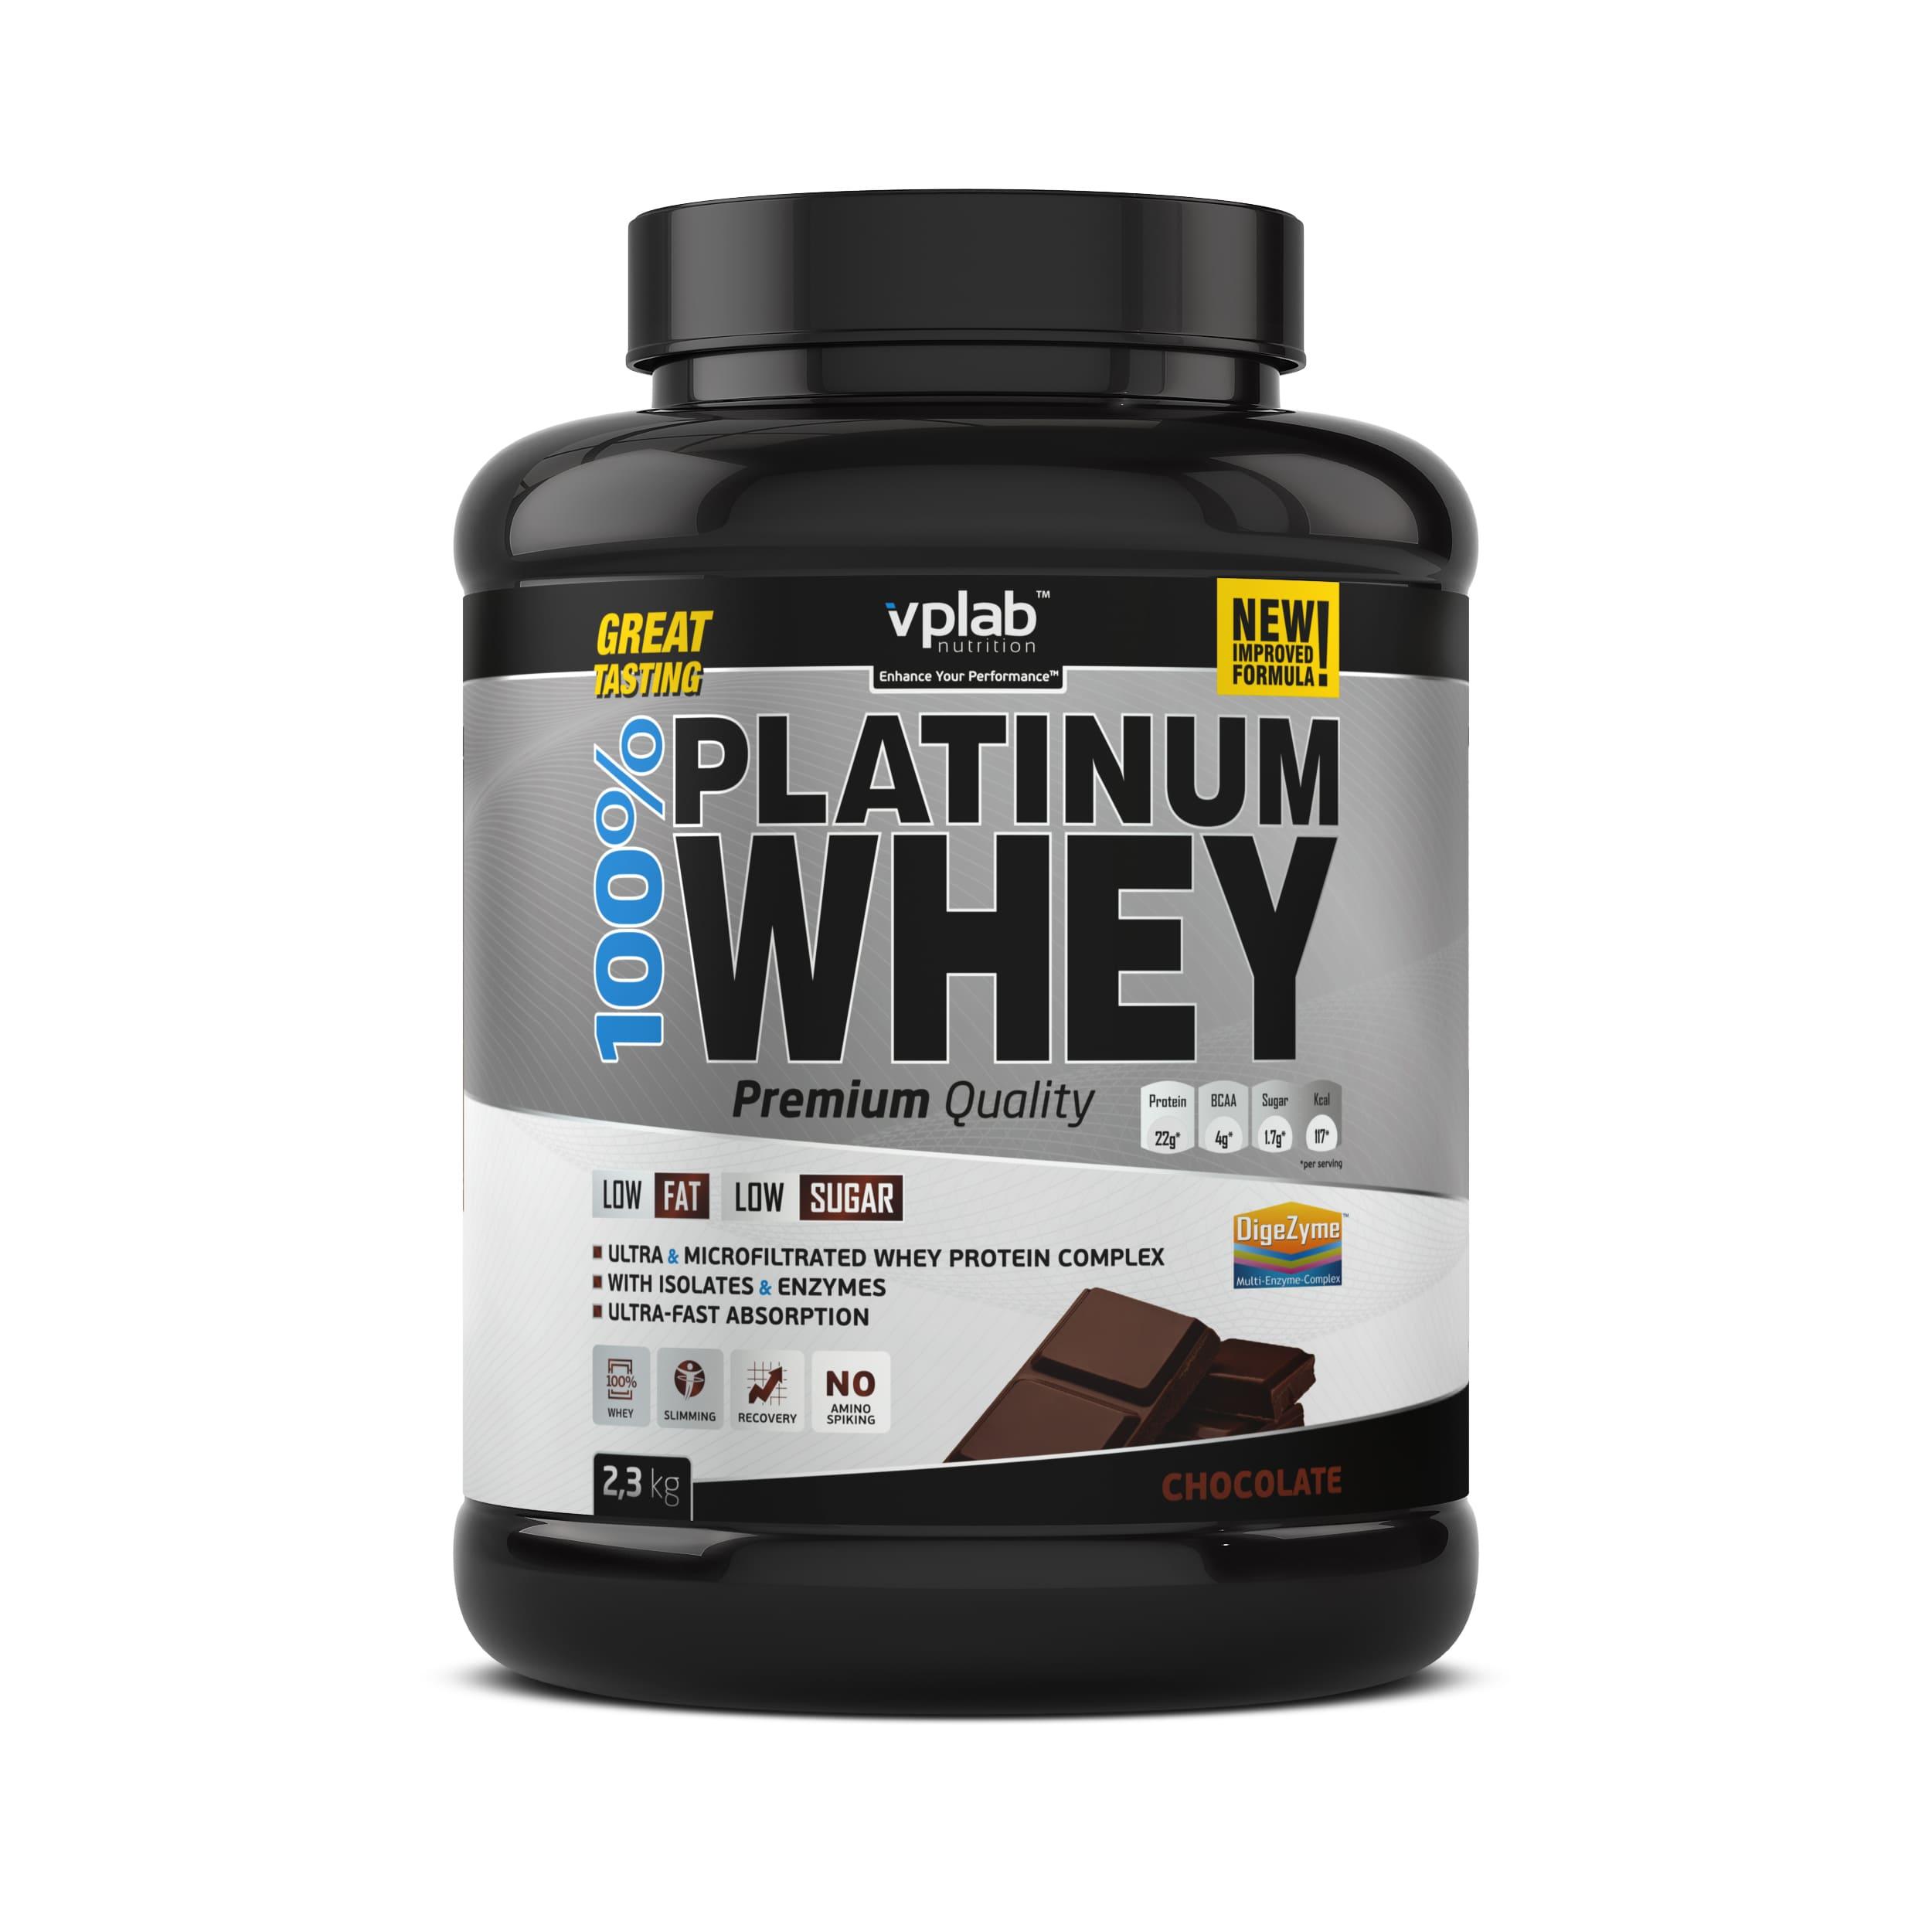 Сывороточный протеин 100% Platinum Whey, вкус «Шоколад», 2,3 кг, VPLab фото